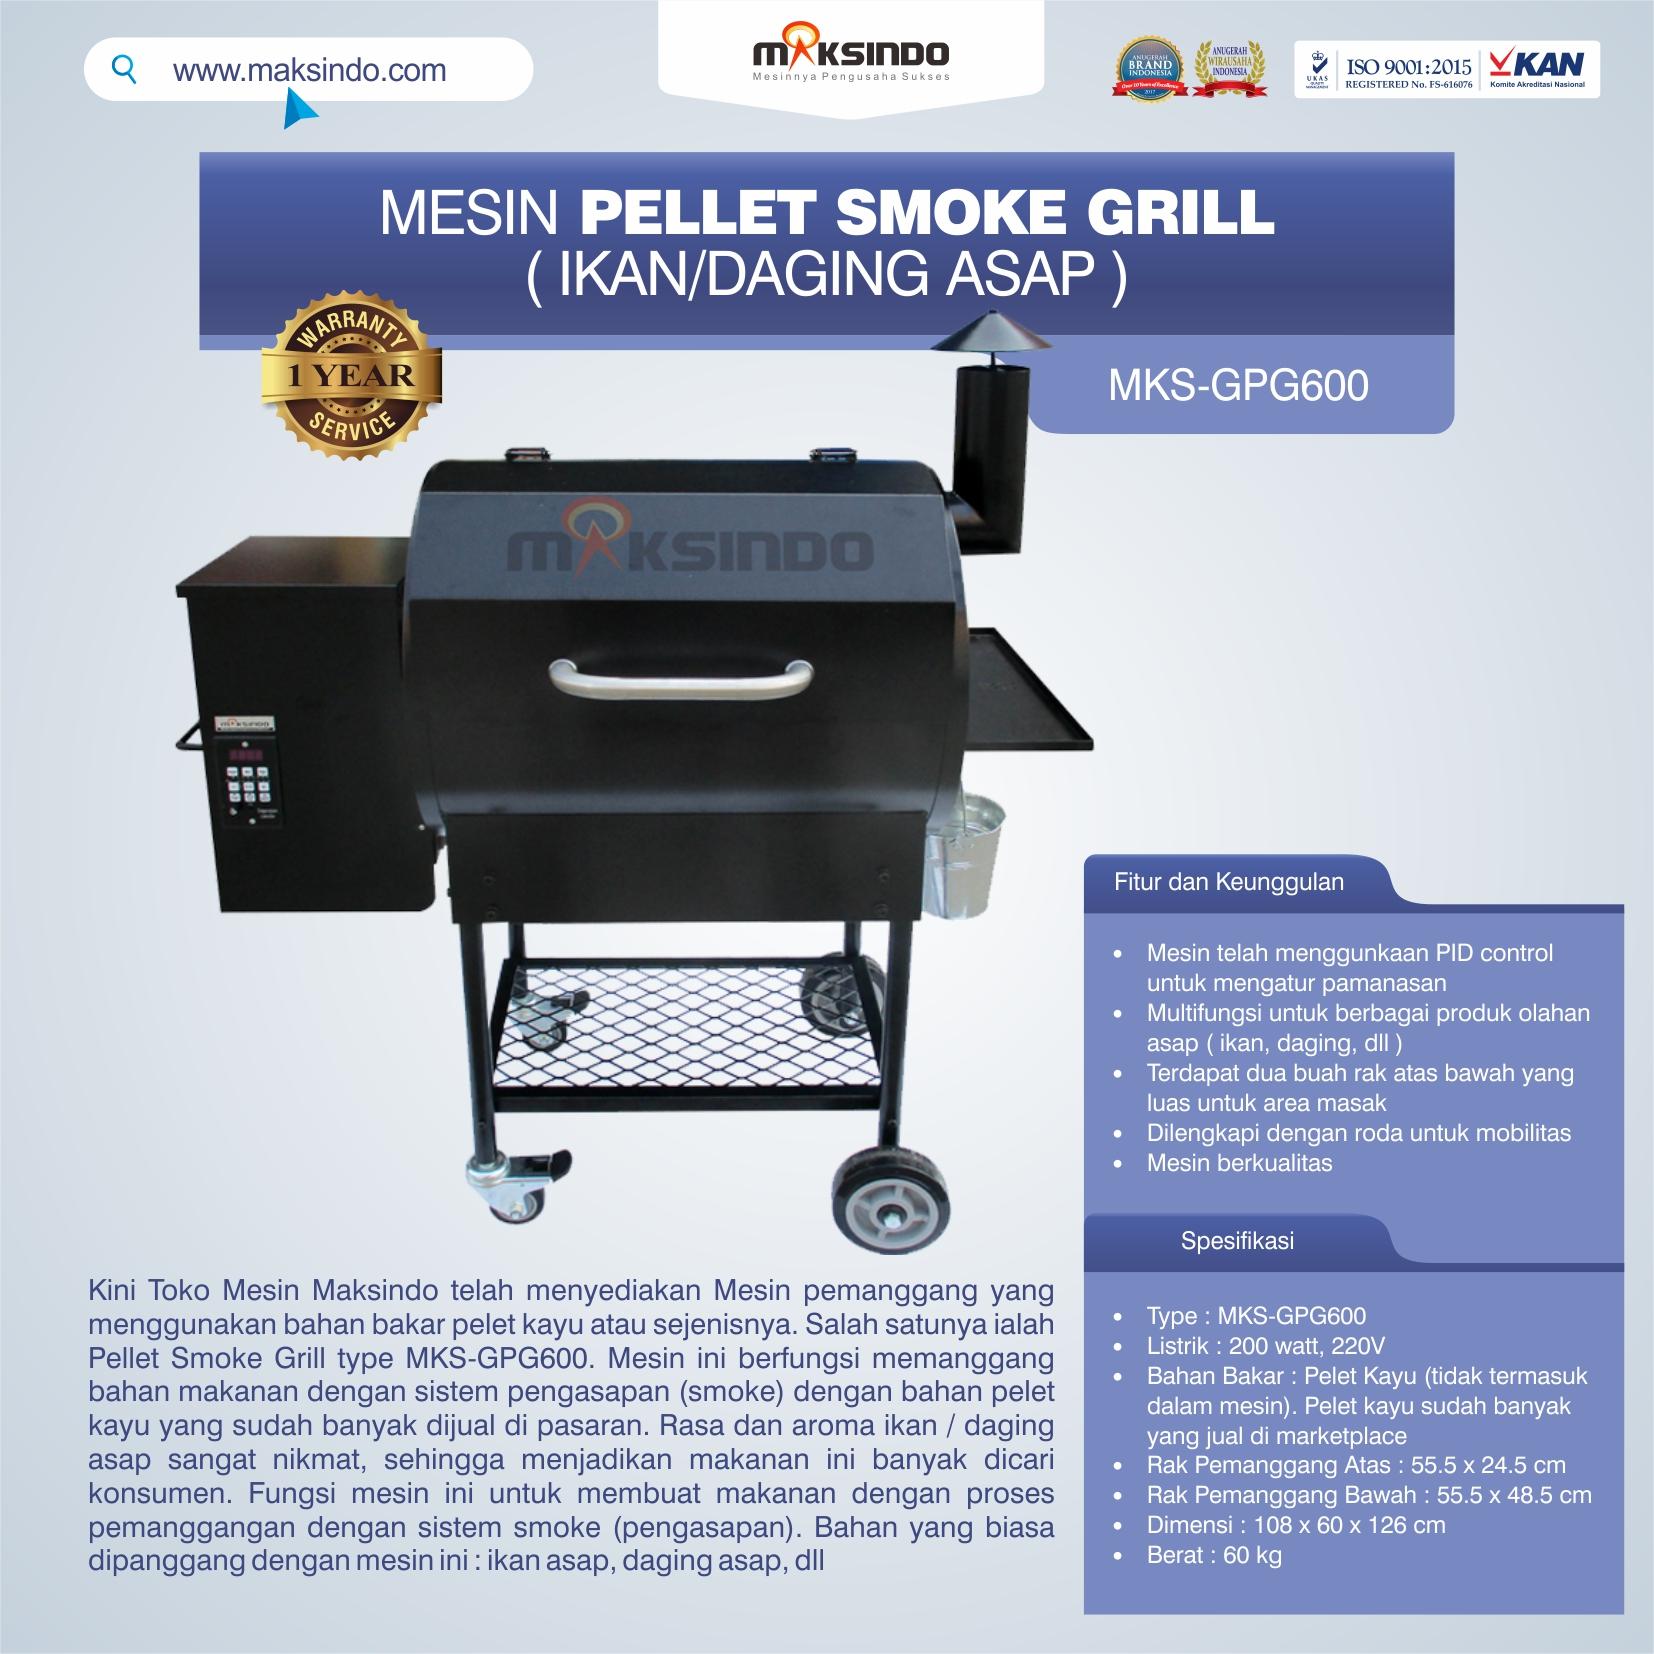 Jual Pellet Grill MKS-GPG600 di Bekasi